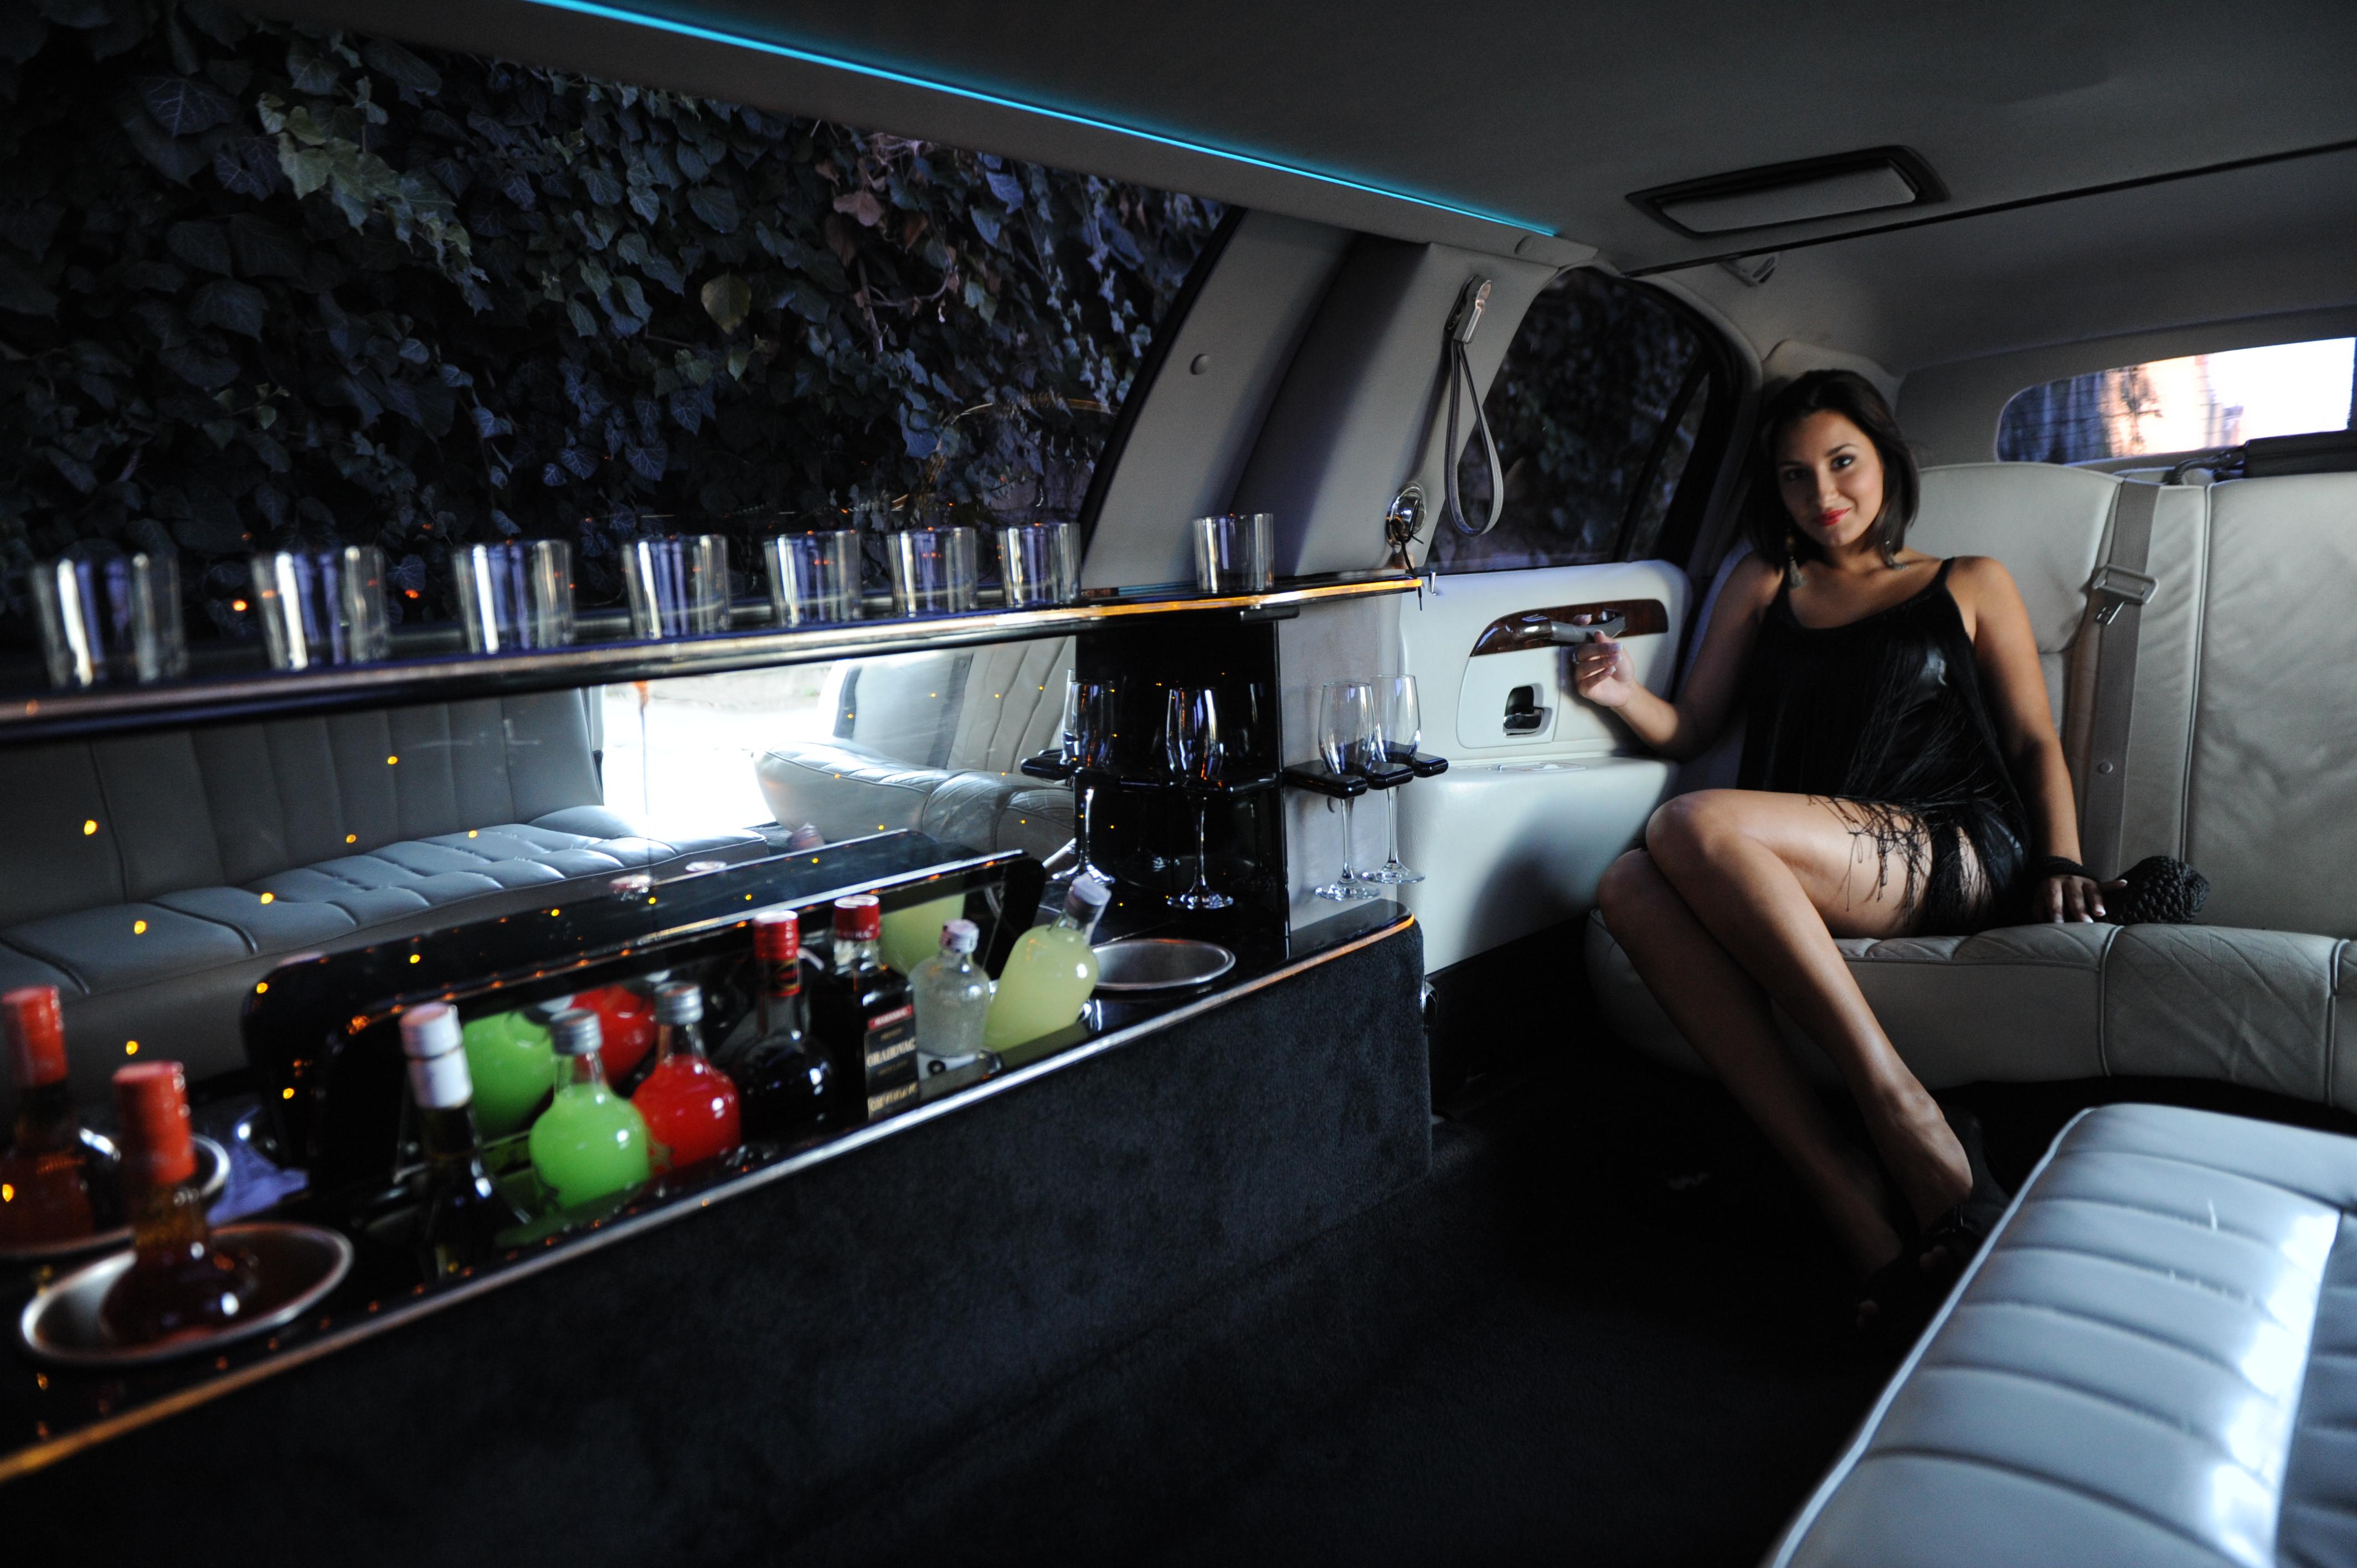 Stretch Limousine Lincoln Towncar 10 M Concierge Croatia